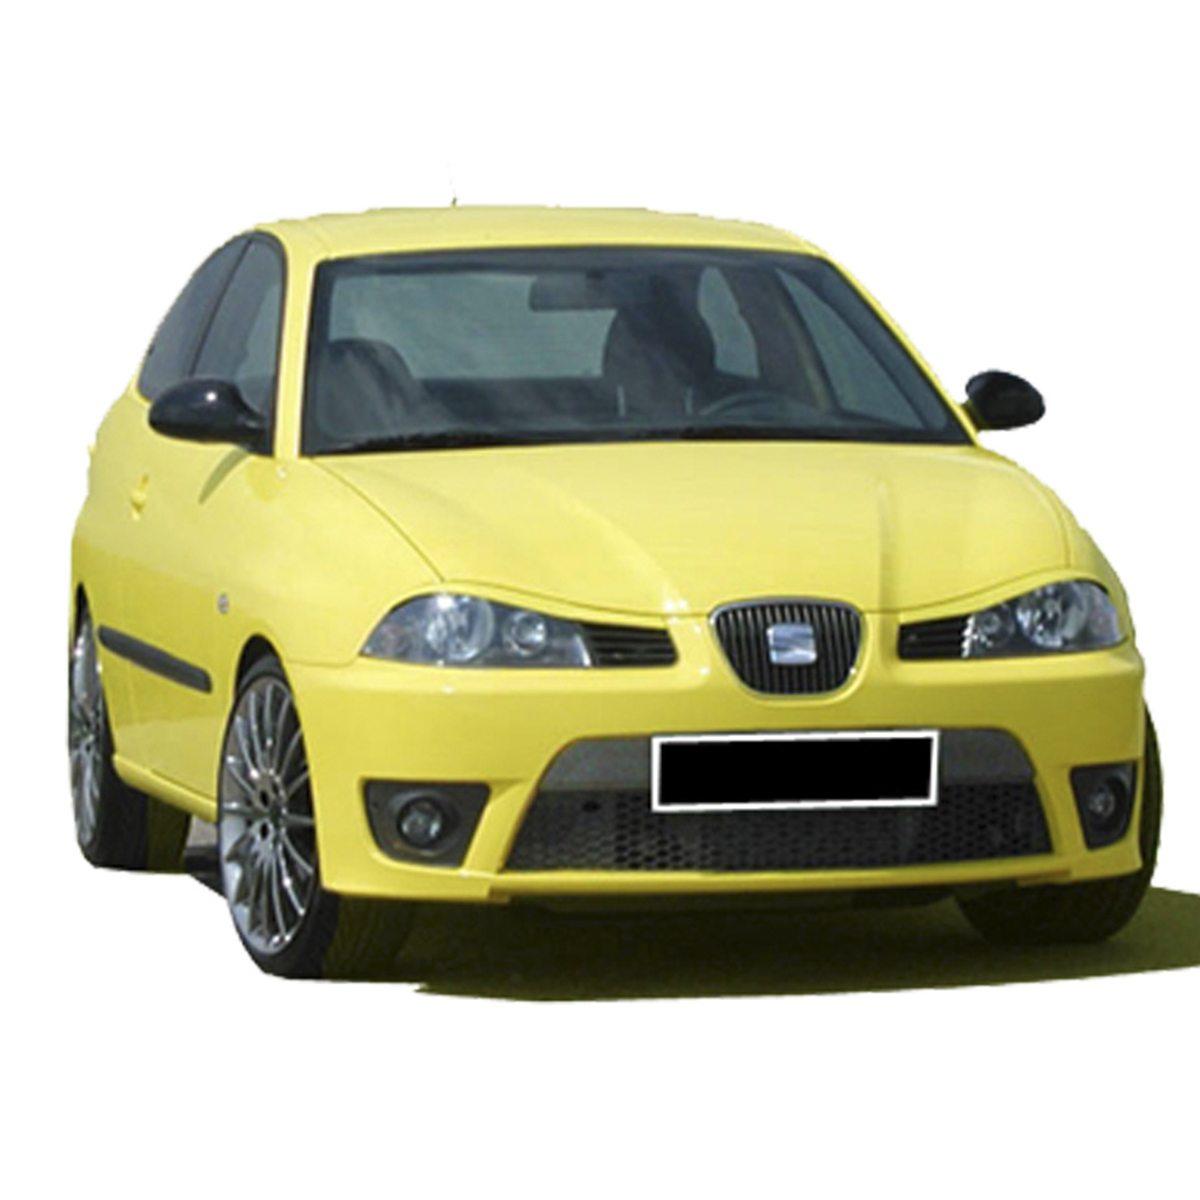 Seat-Ibiza-2003-Cupra-Frt-PCU1161